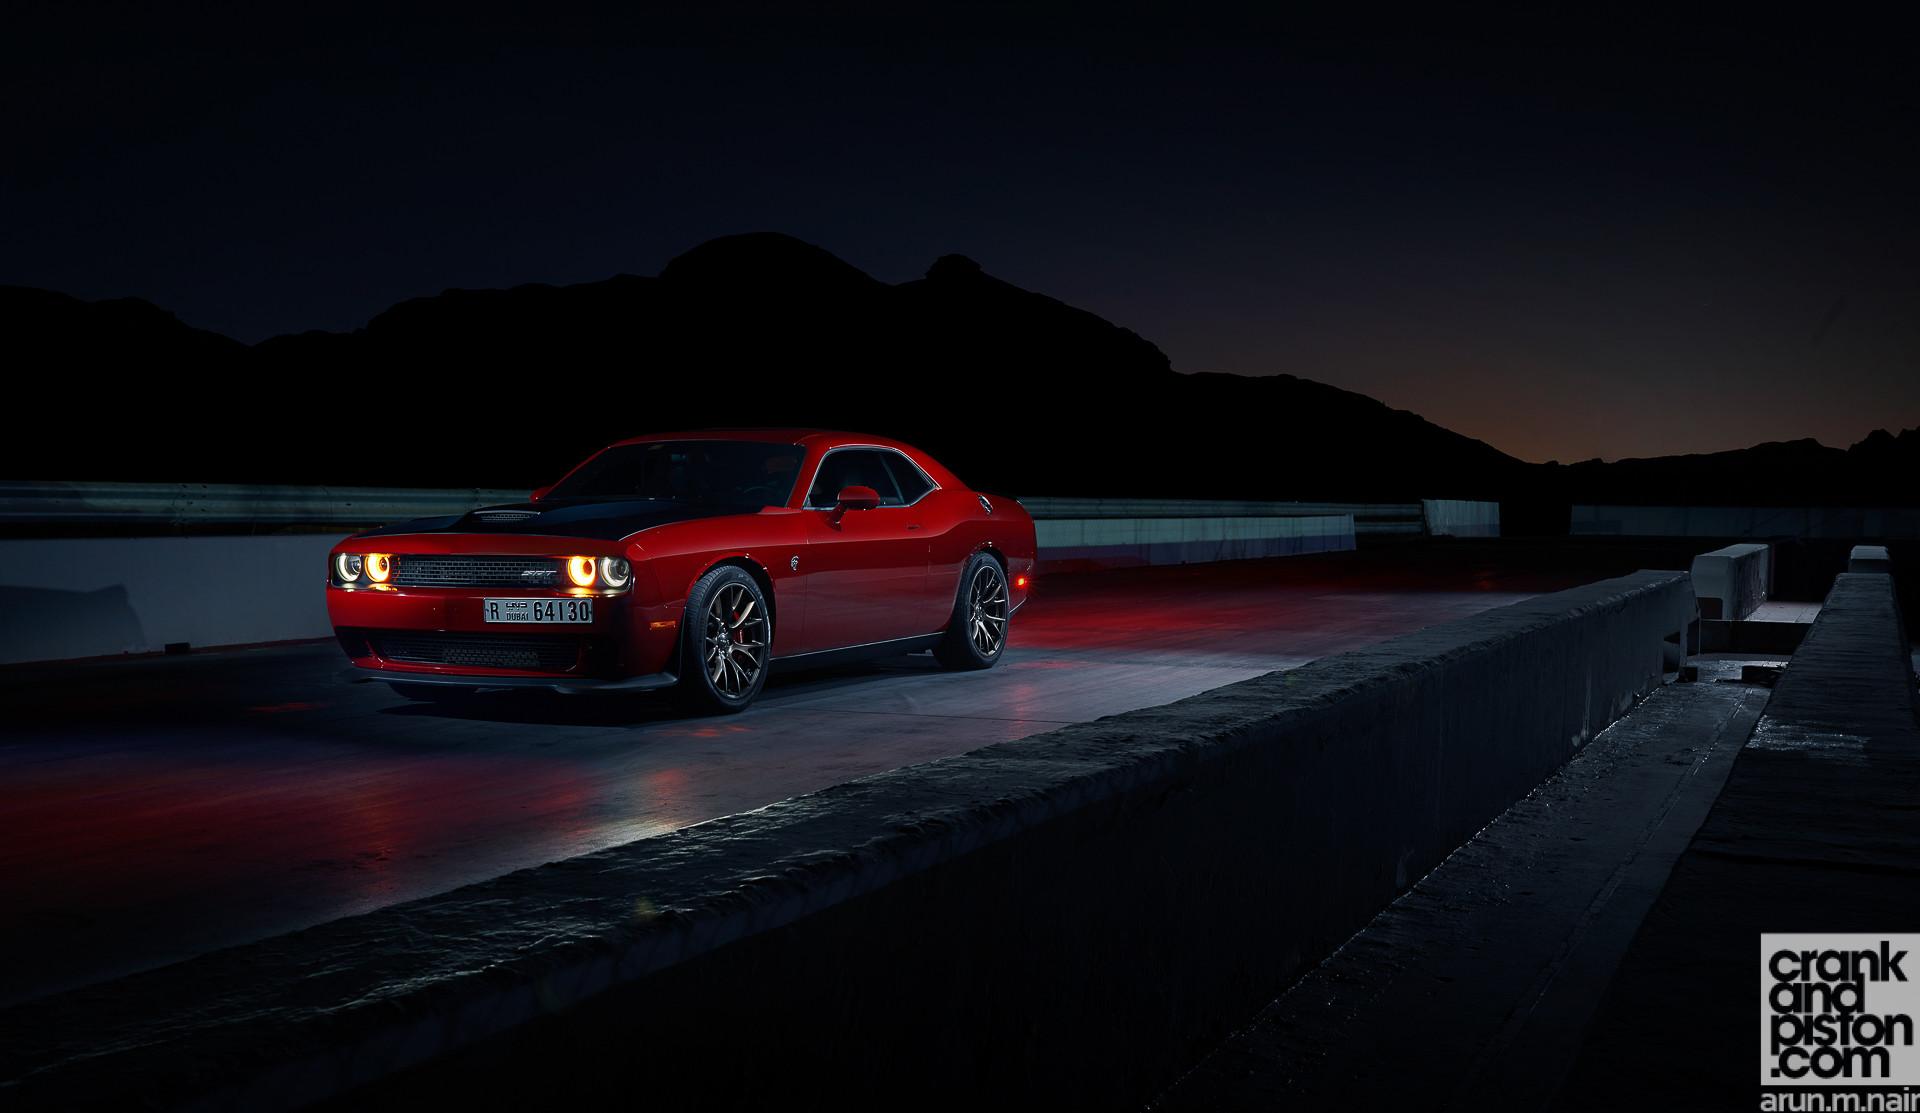 2016 Dodge Challenger Hellcat Wallpaper >> Dodge Challenger Srt Hellcat Wallpapers ·①